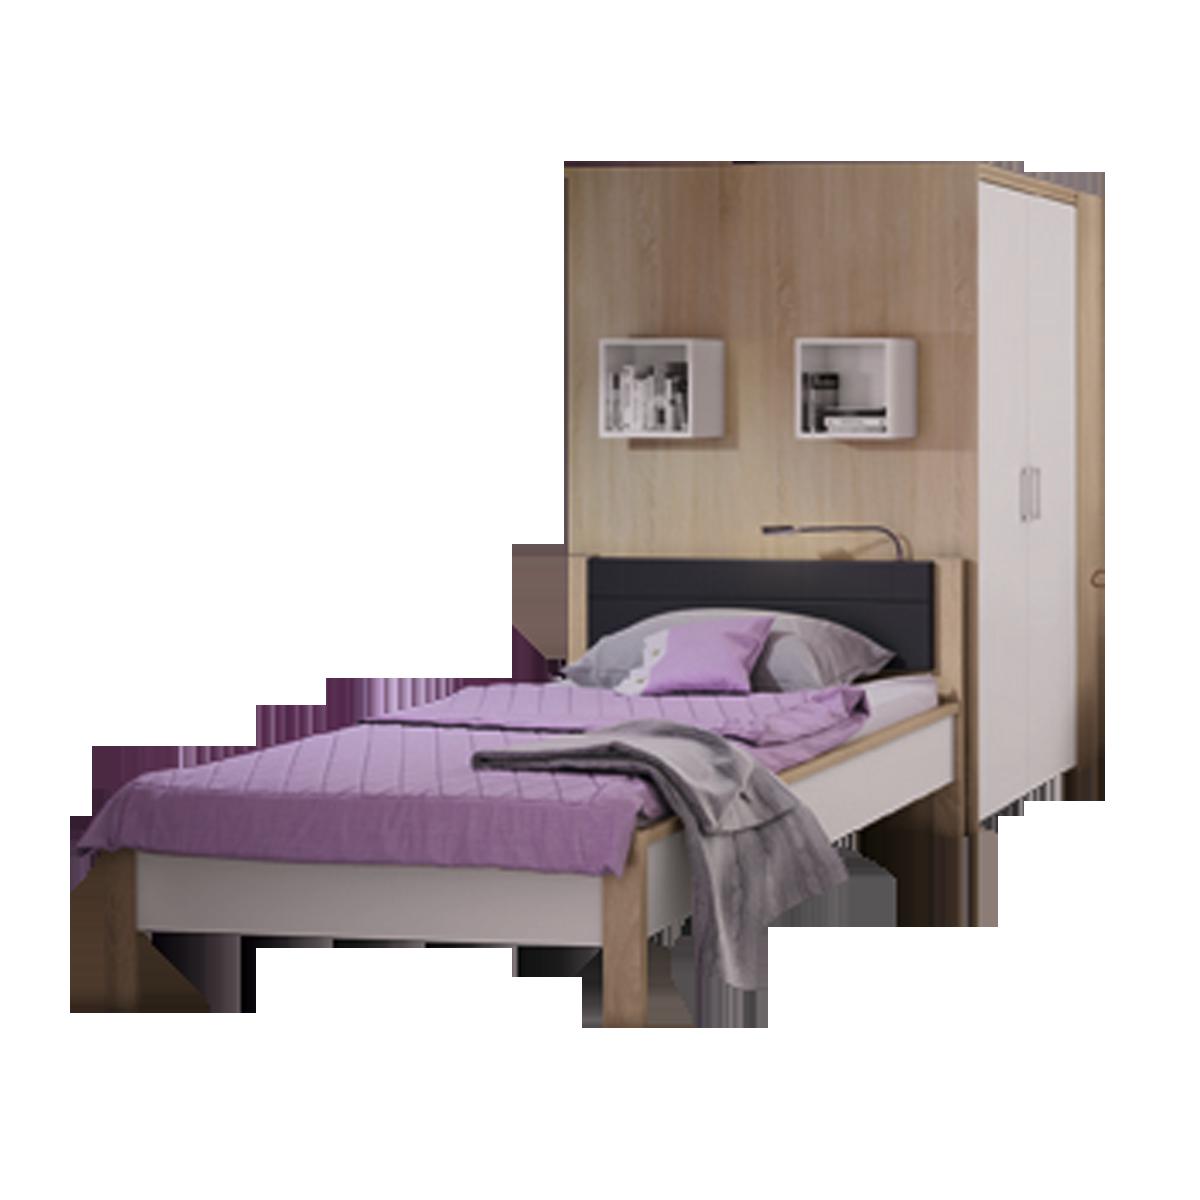 Full Size of Priess Luna Schlafzimmer Mit Begehbarem Eckschrank Und Futonbett Lampen Luxus Küche Deckenleuchte Schränke Teppich Wandleuchte Schranksysteme Klimagerät Schlafzimmer Eckschrank Schlafzimmer